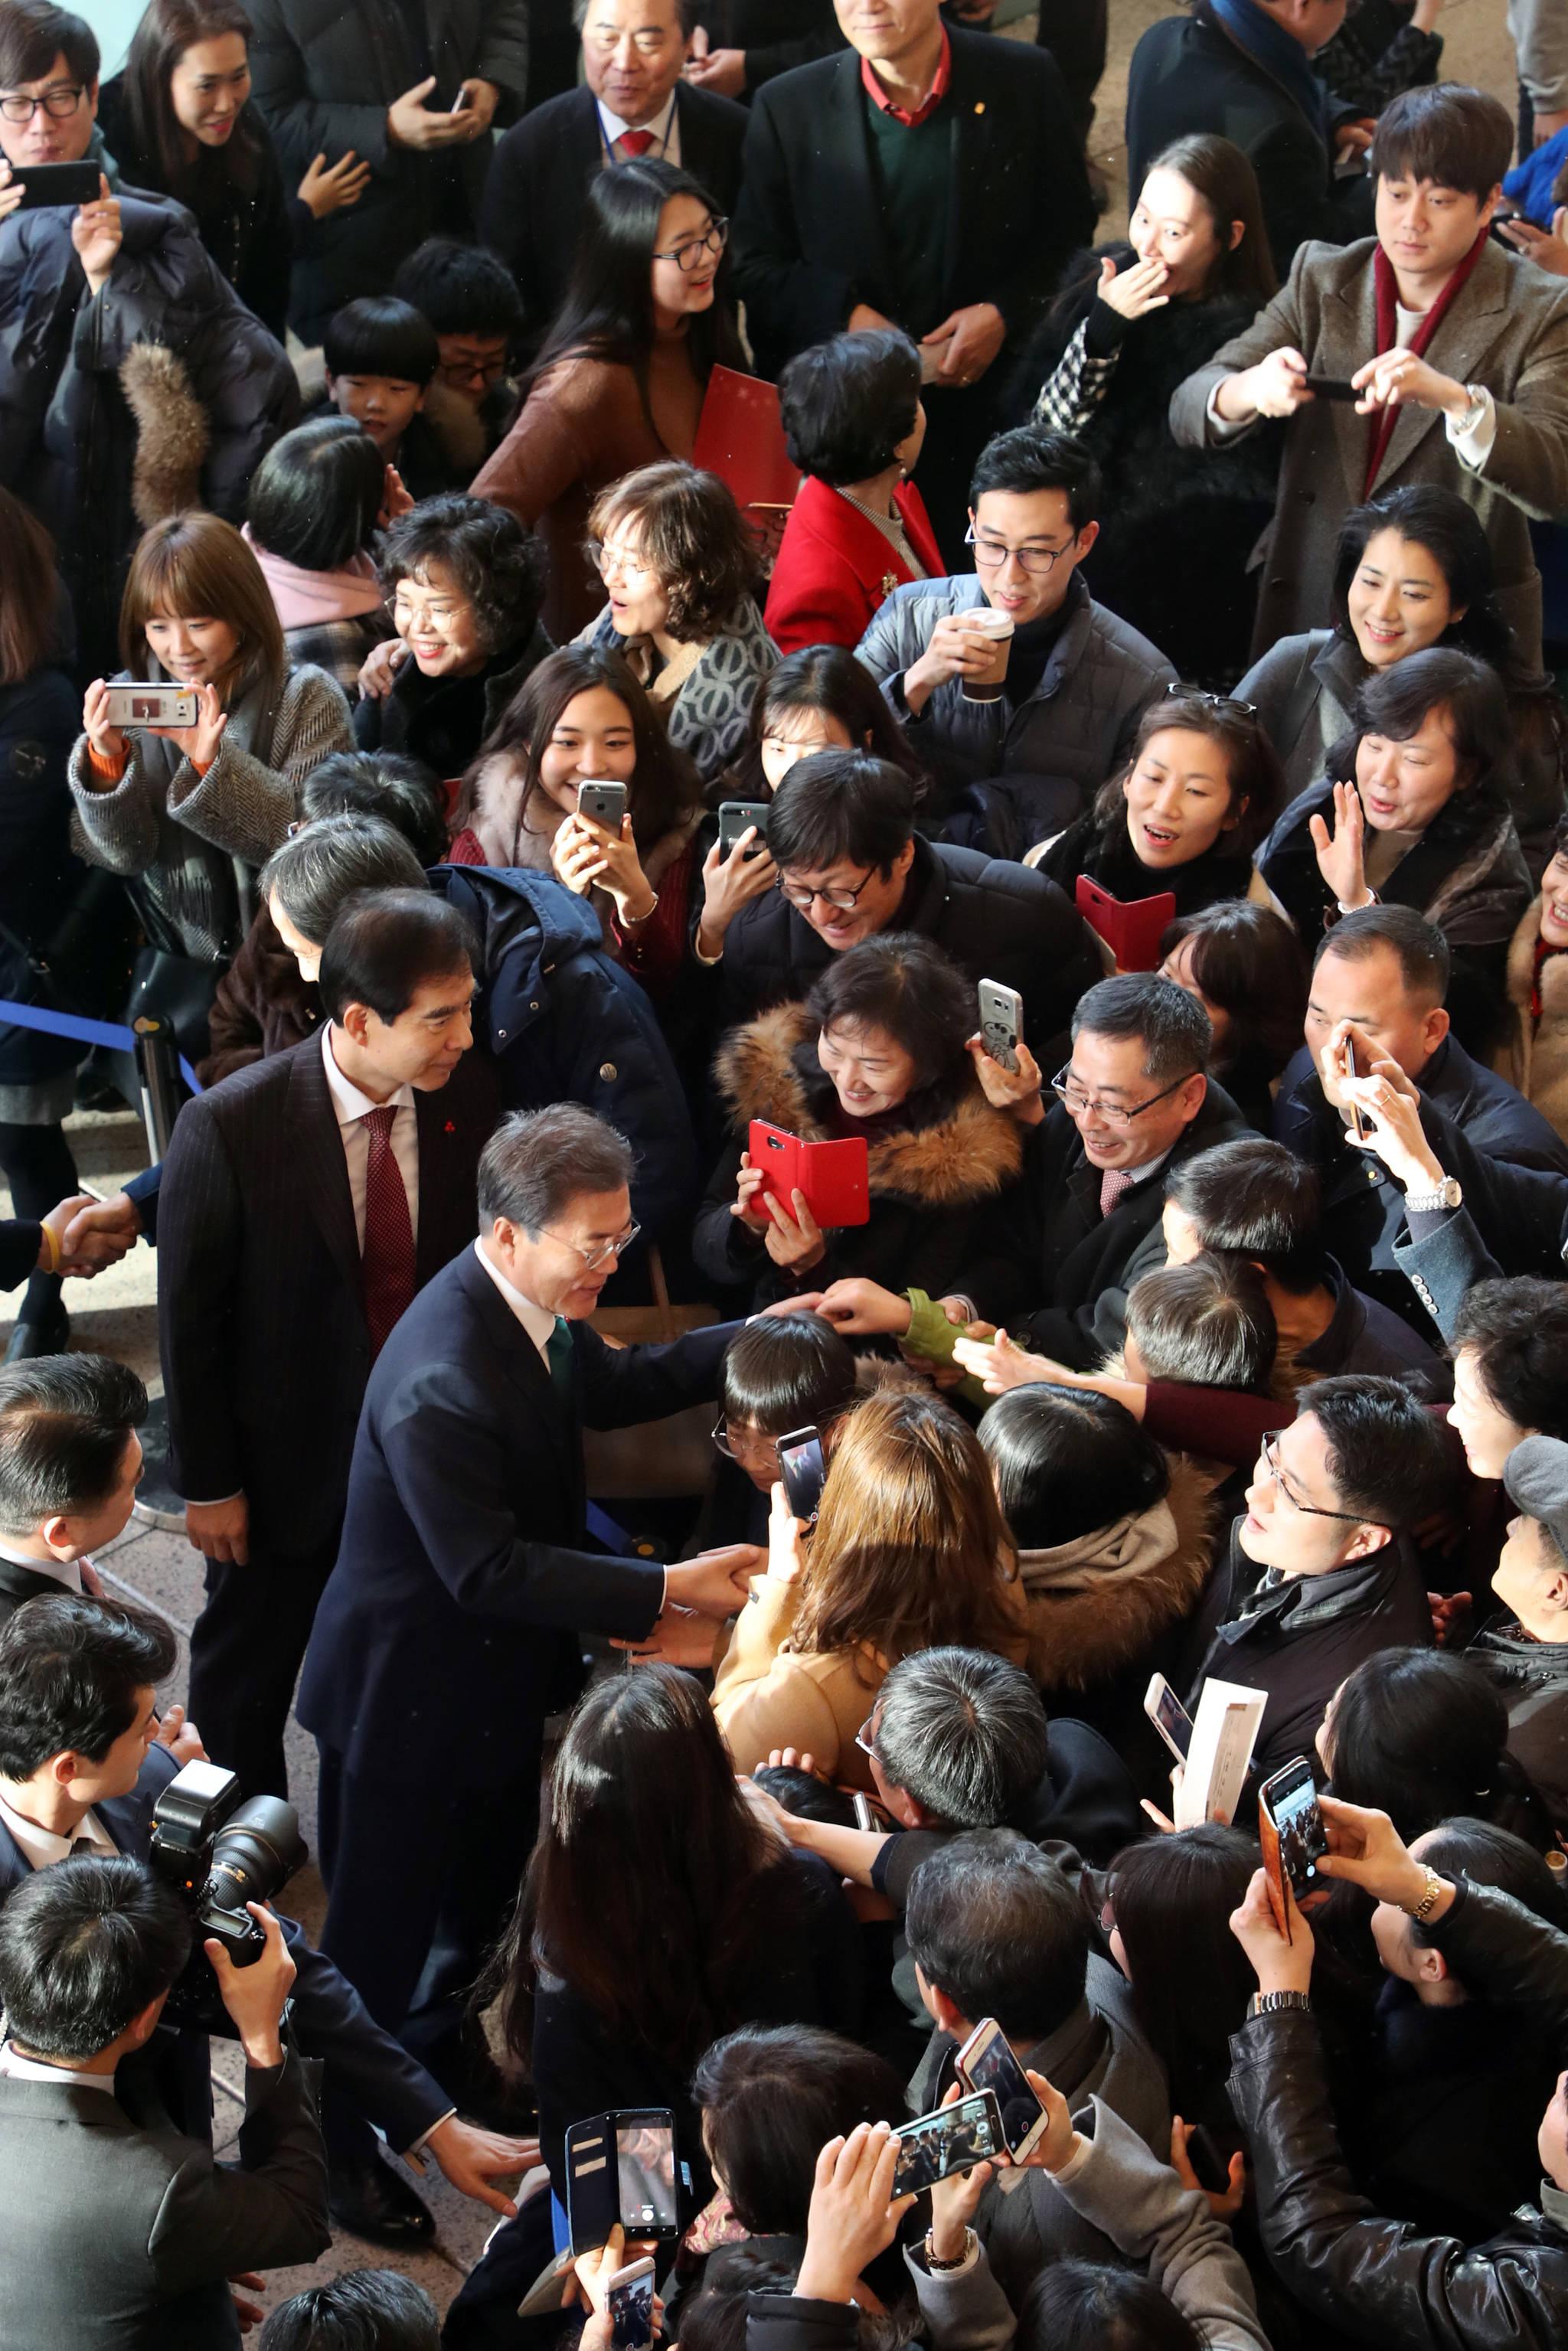 문재인 대통령이 지난해 12월 25일 오후 서울 서초구 예술의전당 콘서트홀에서 열린 '2017년 개신교.천주교 연합 성탄음악회'에 참석해 시민들과 인사를 나누고 있다. 김상선 기자